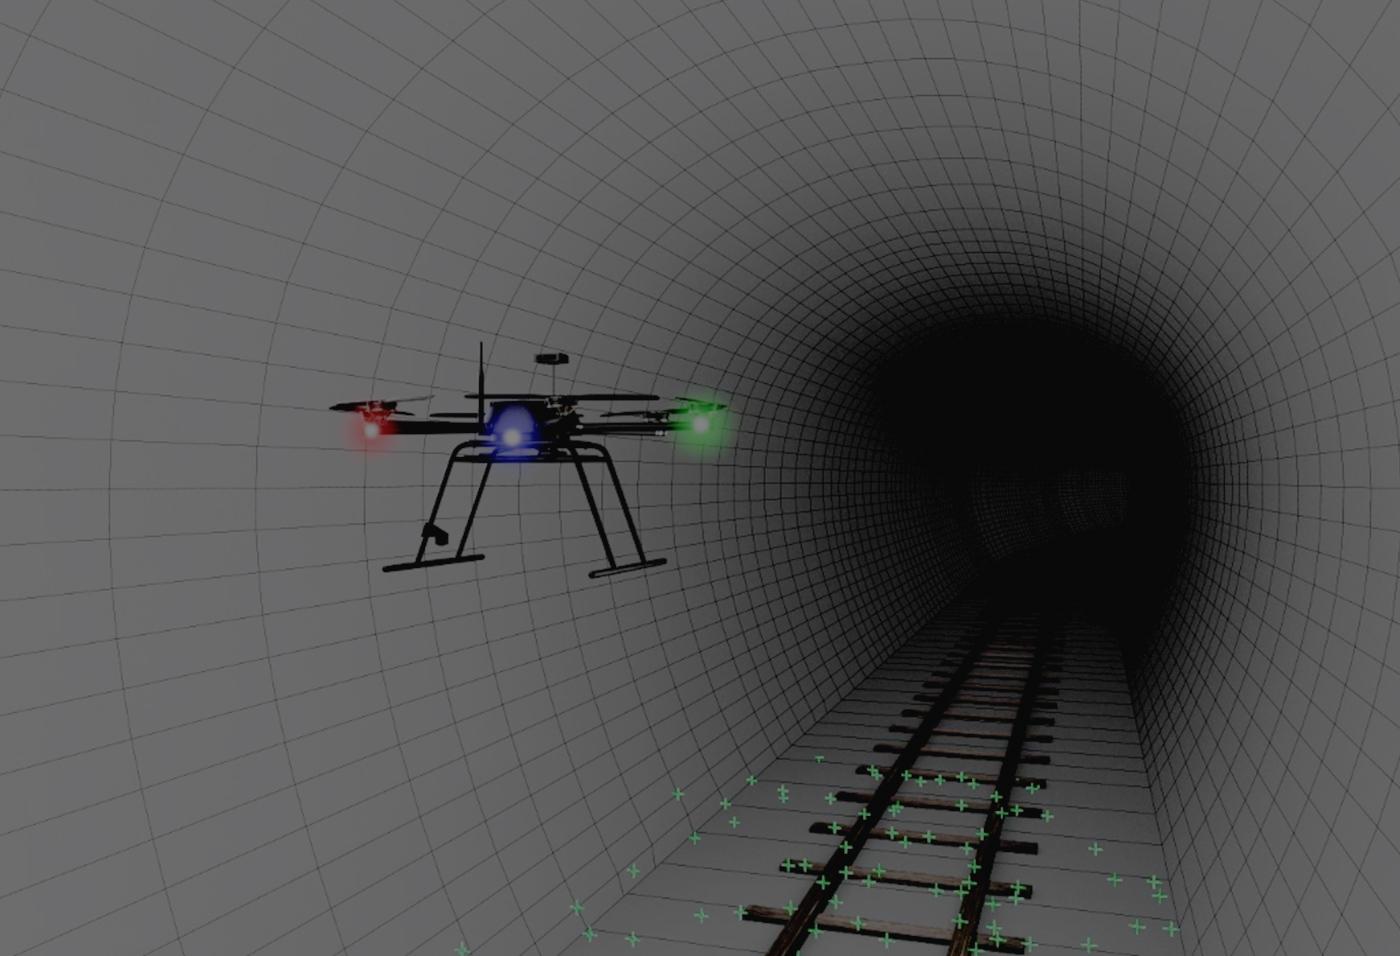 鉄道構造物の効率的な保守・管理を実施